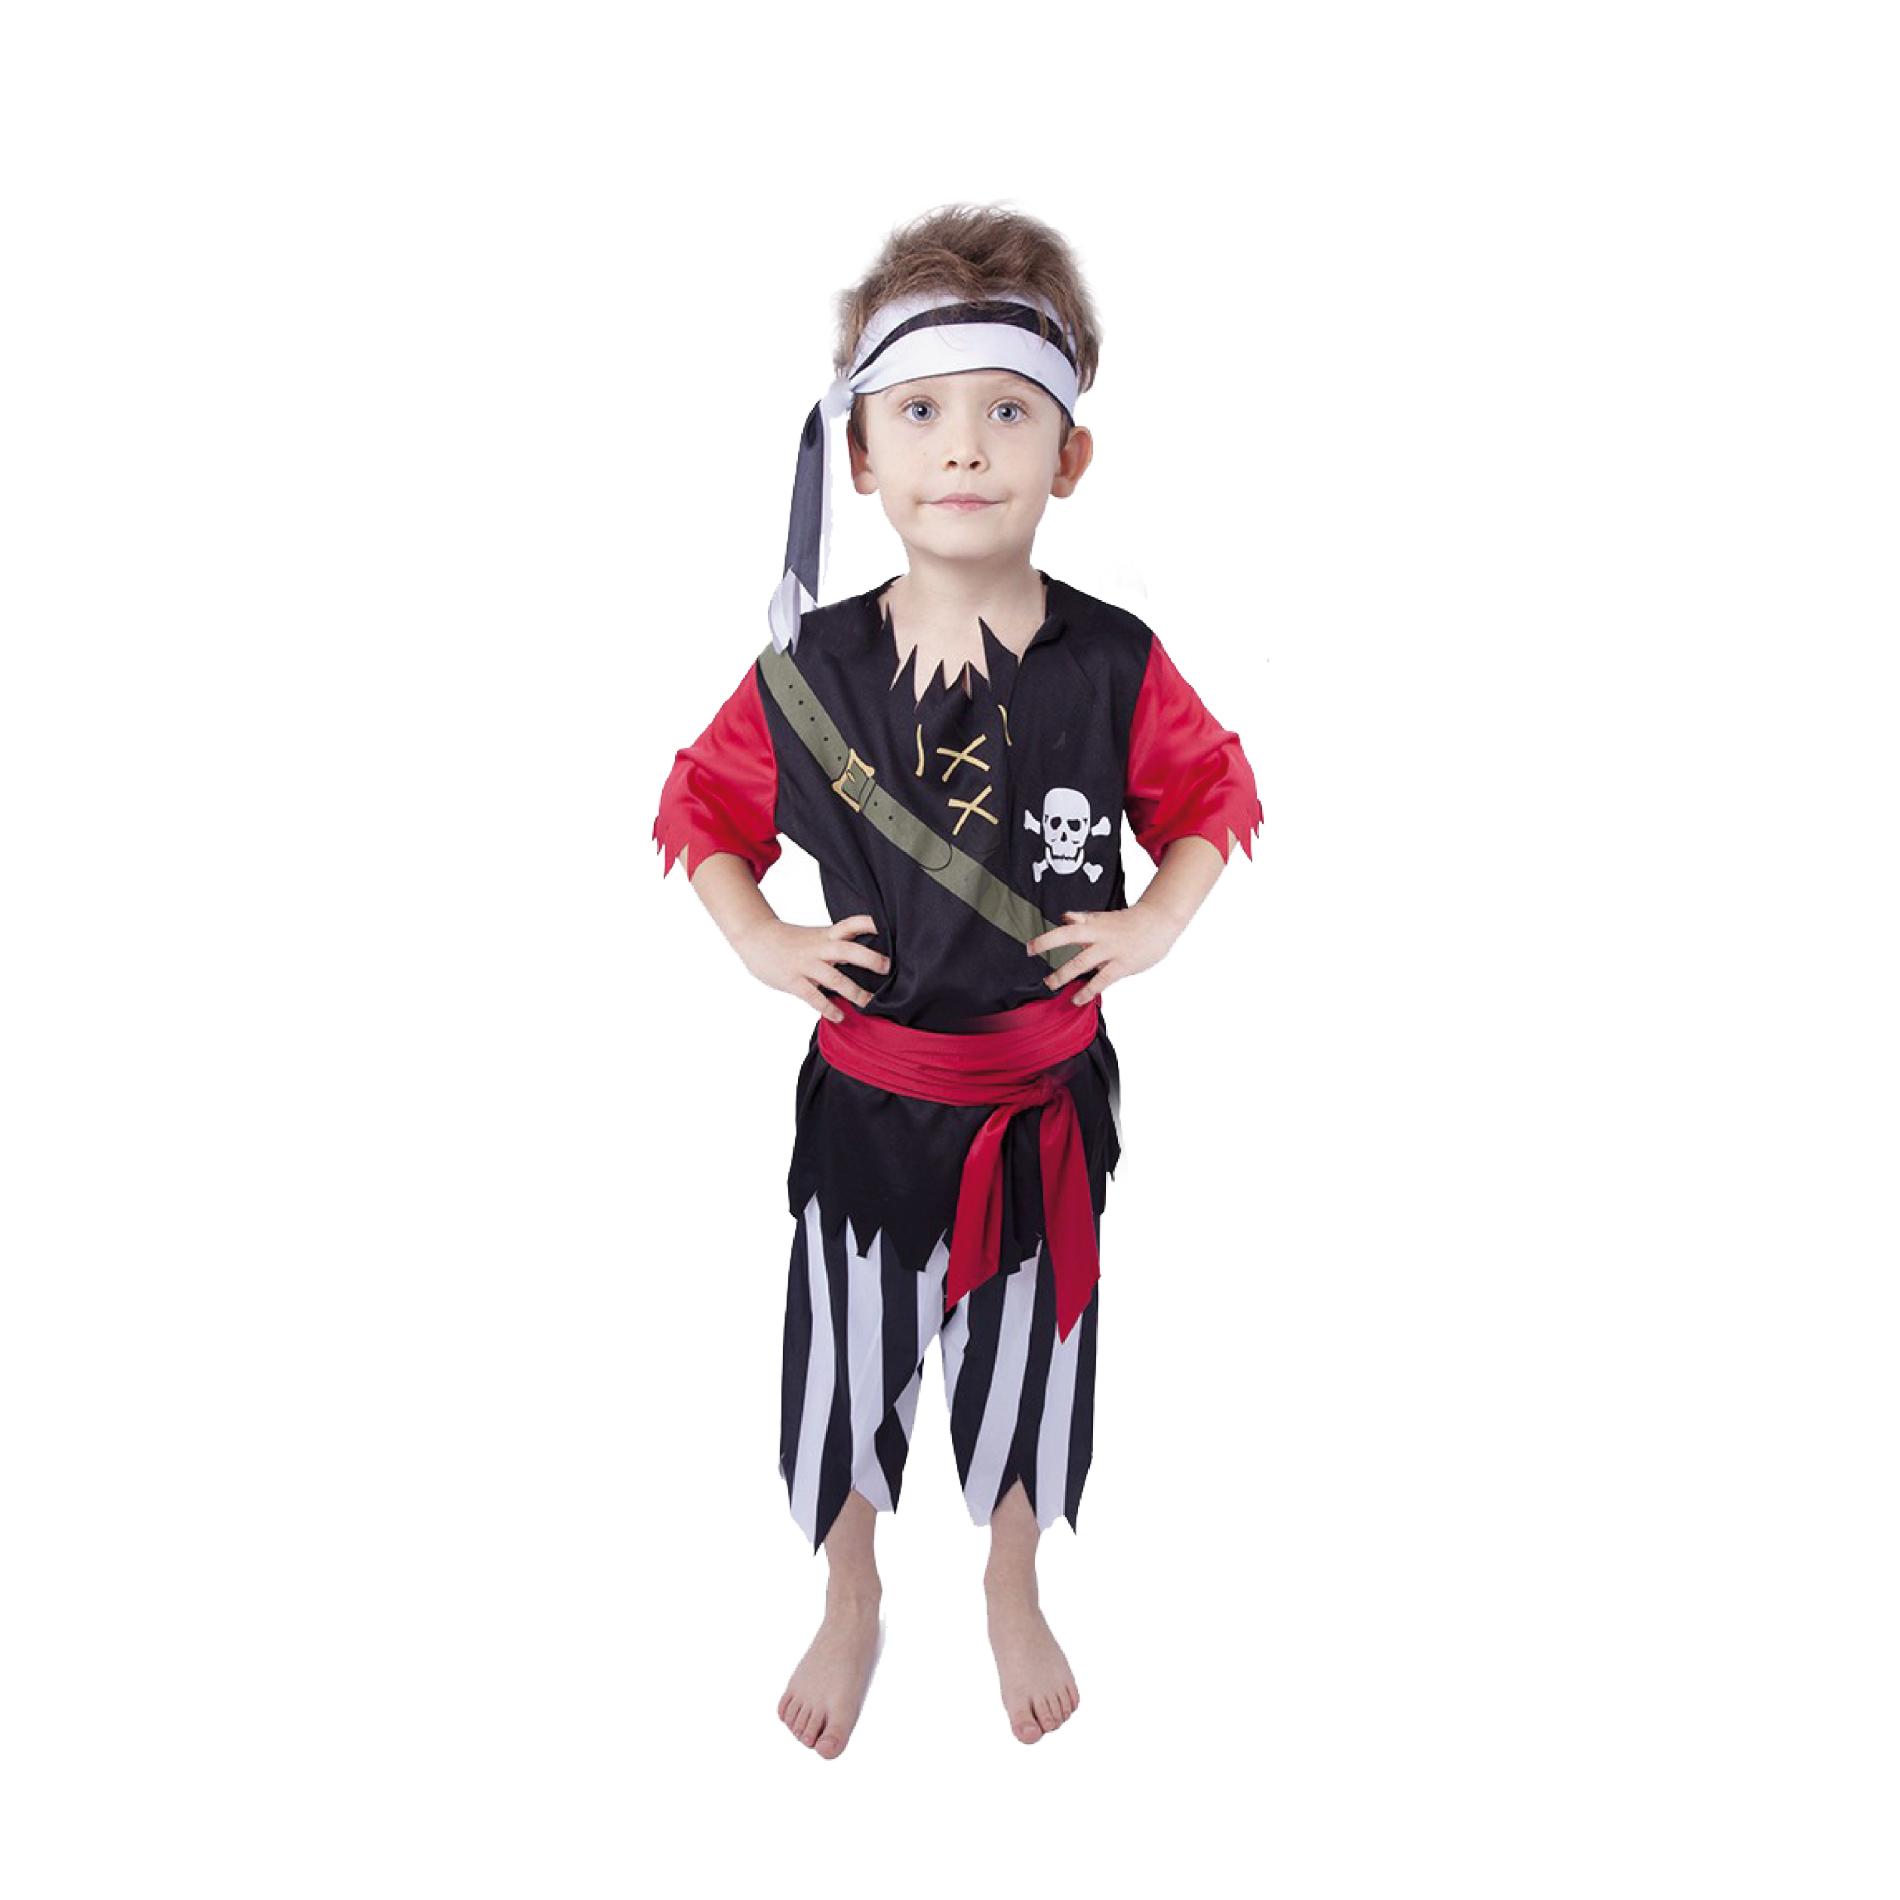 Dětský kostým pirát s šátkem (S) e-obal